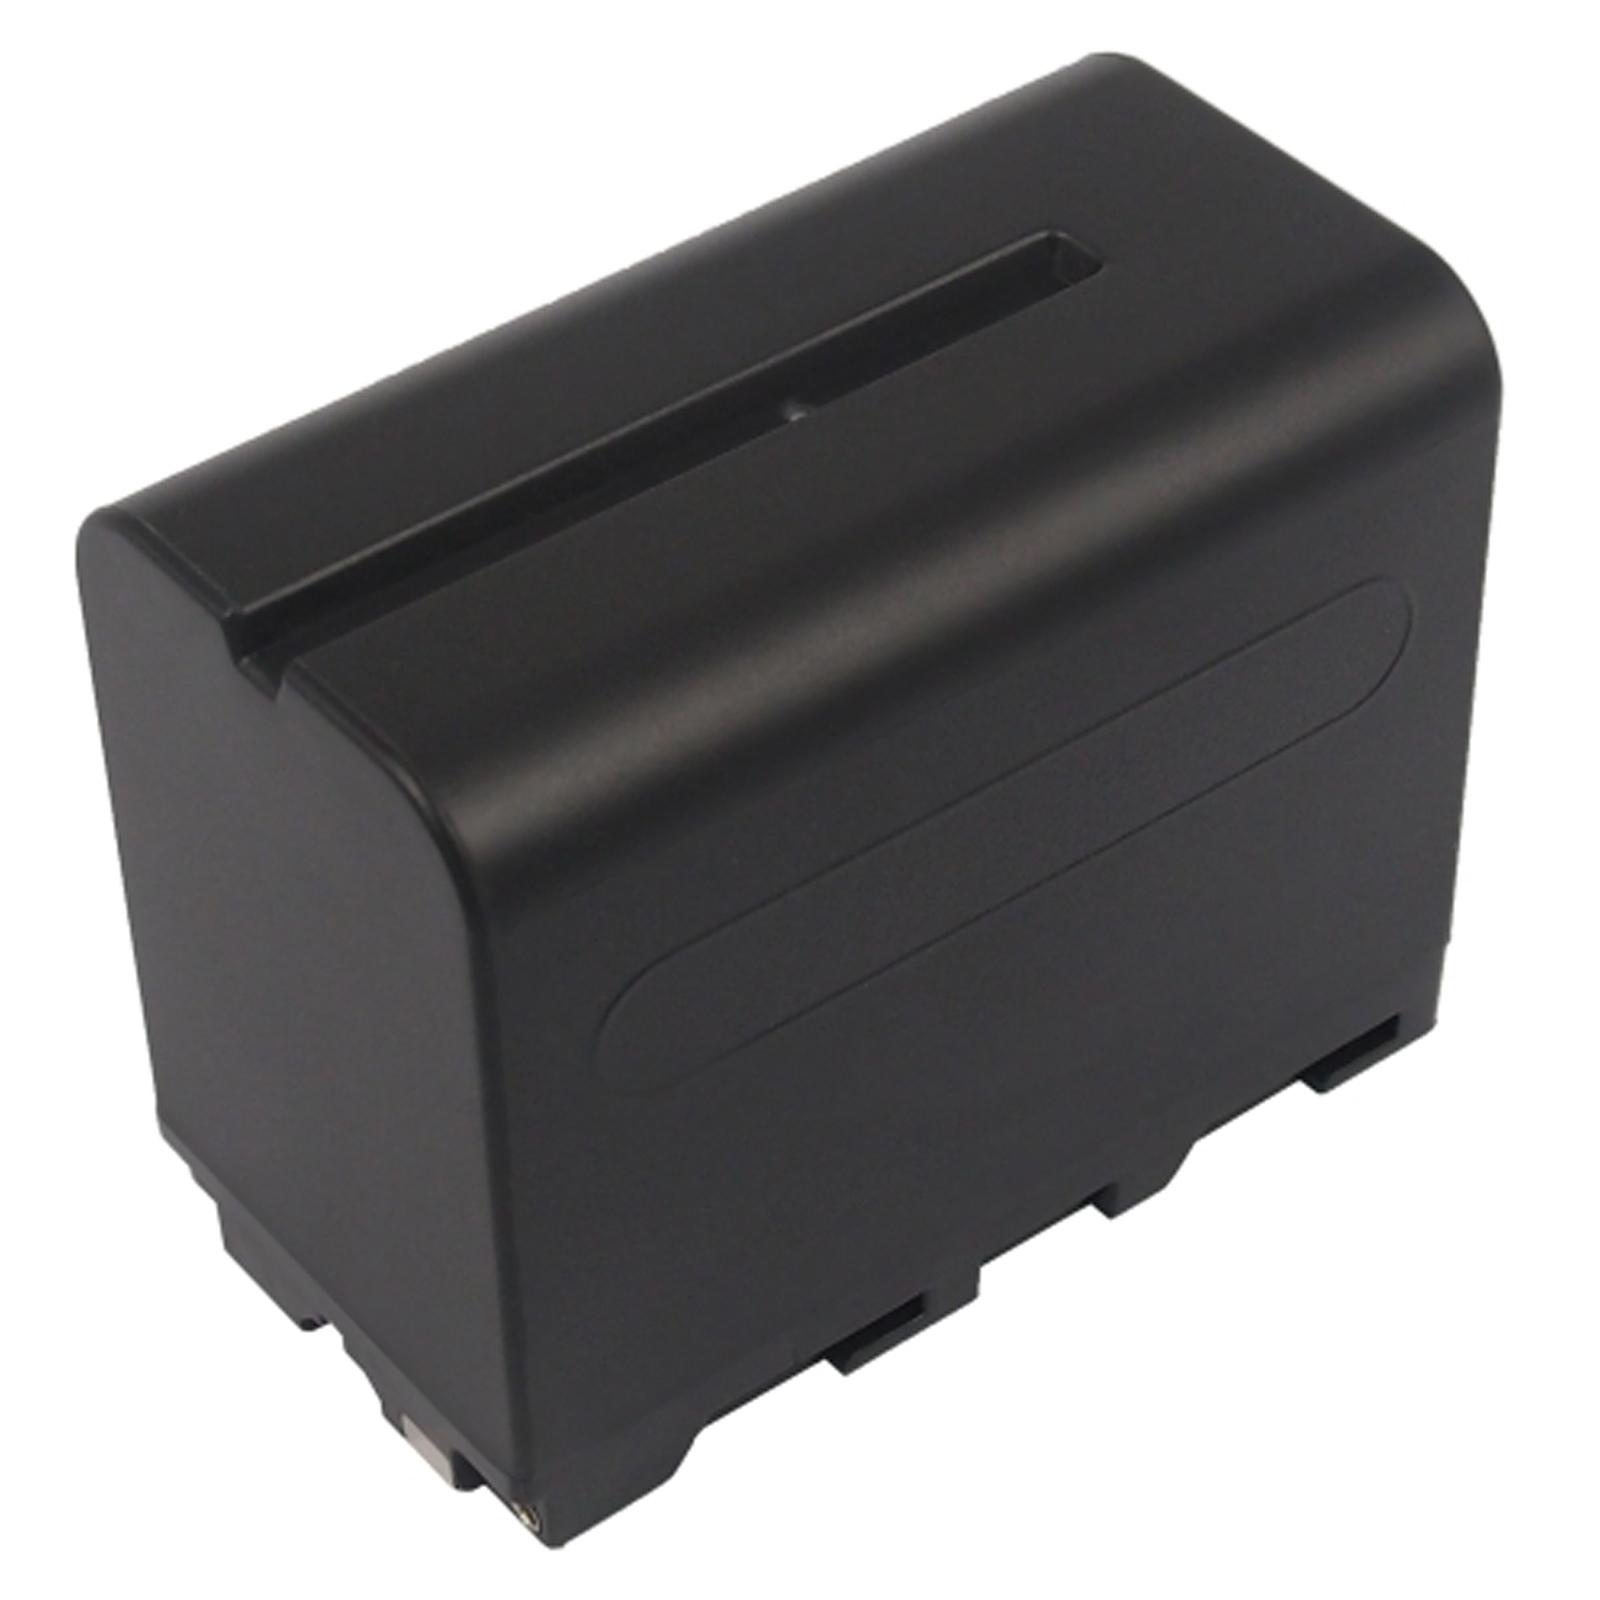 74v 6600mah camcorder battery fit sony trv56e dcr trv12e replaces 74v 6600mah camcorder battery fit sony trv56e dcr trv12e replaces cs f930 fandeluxe Gallery